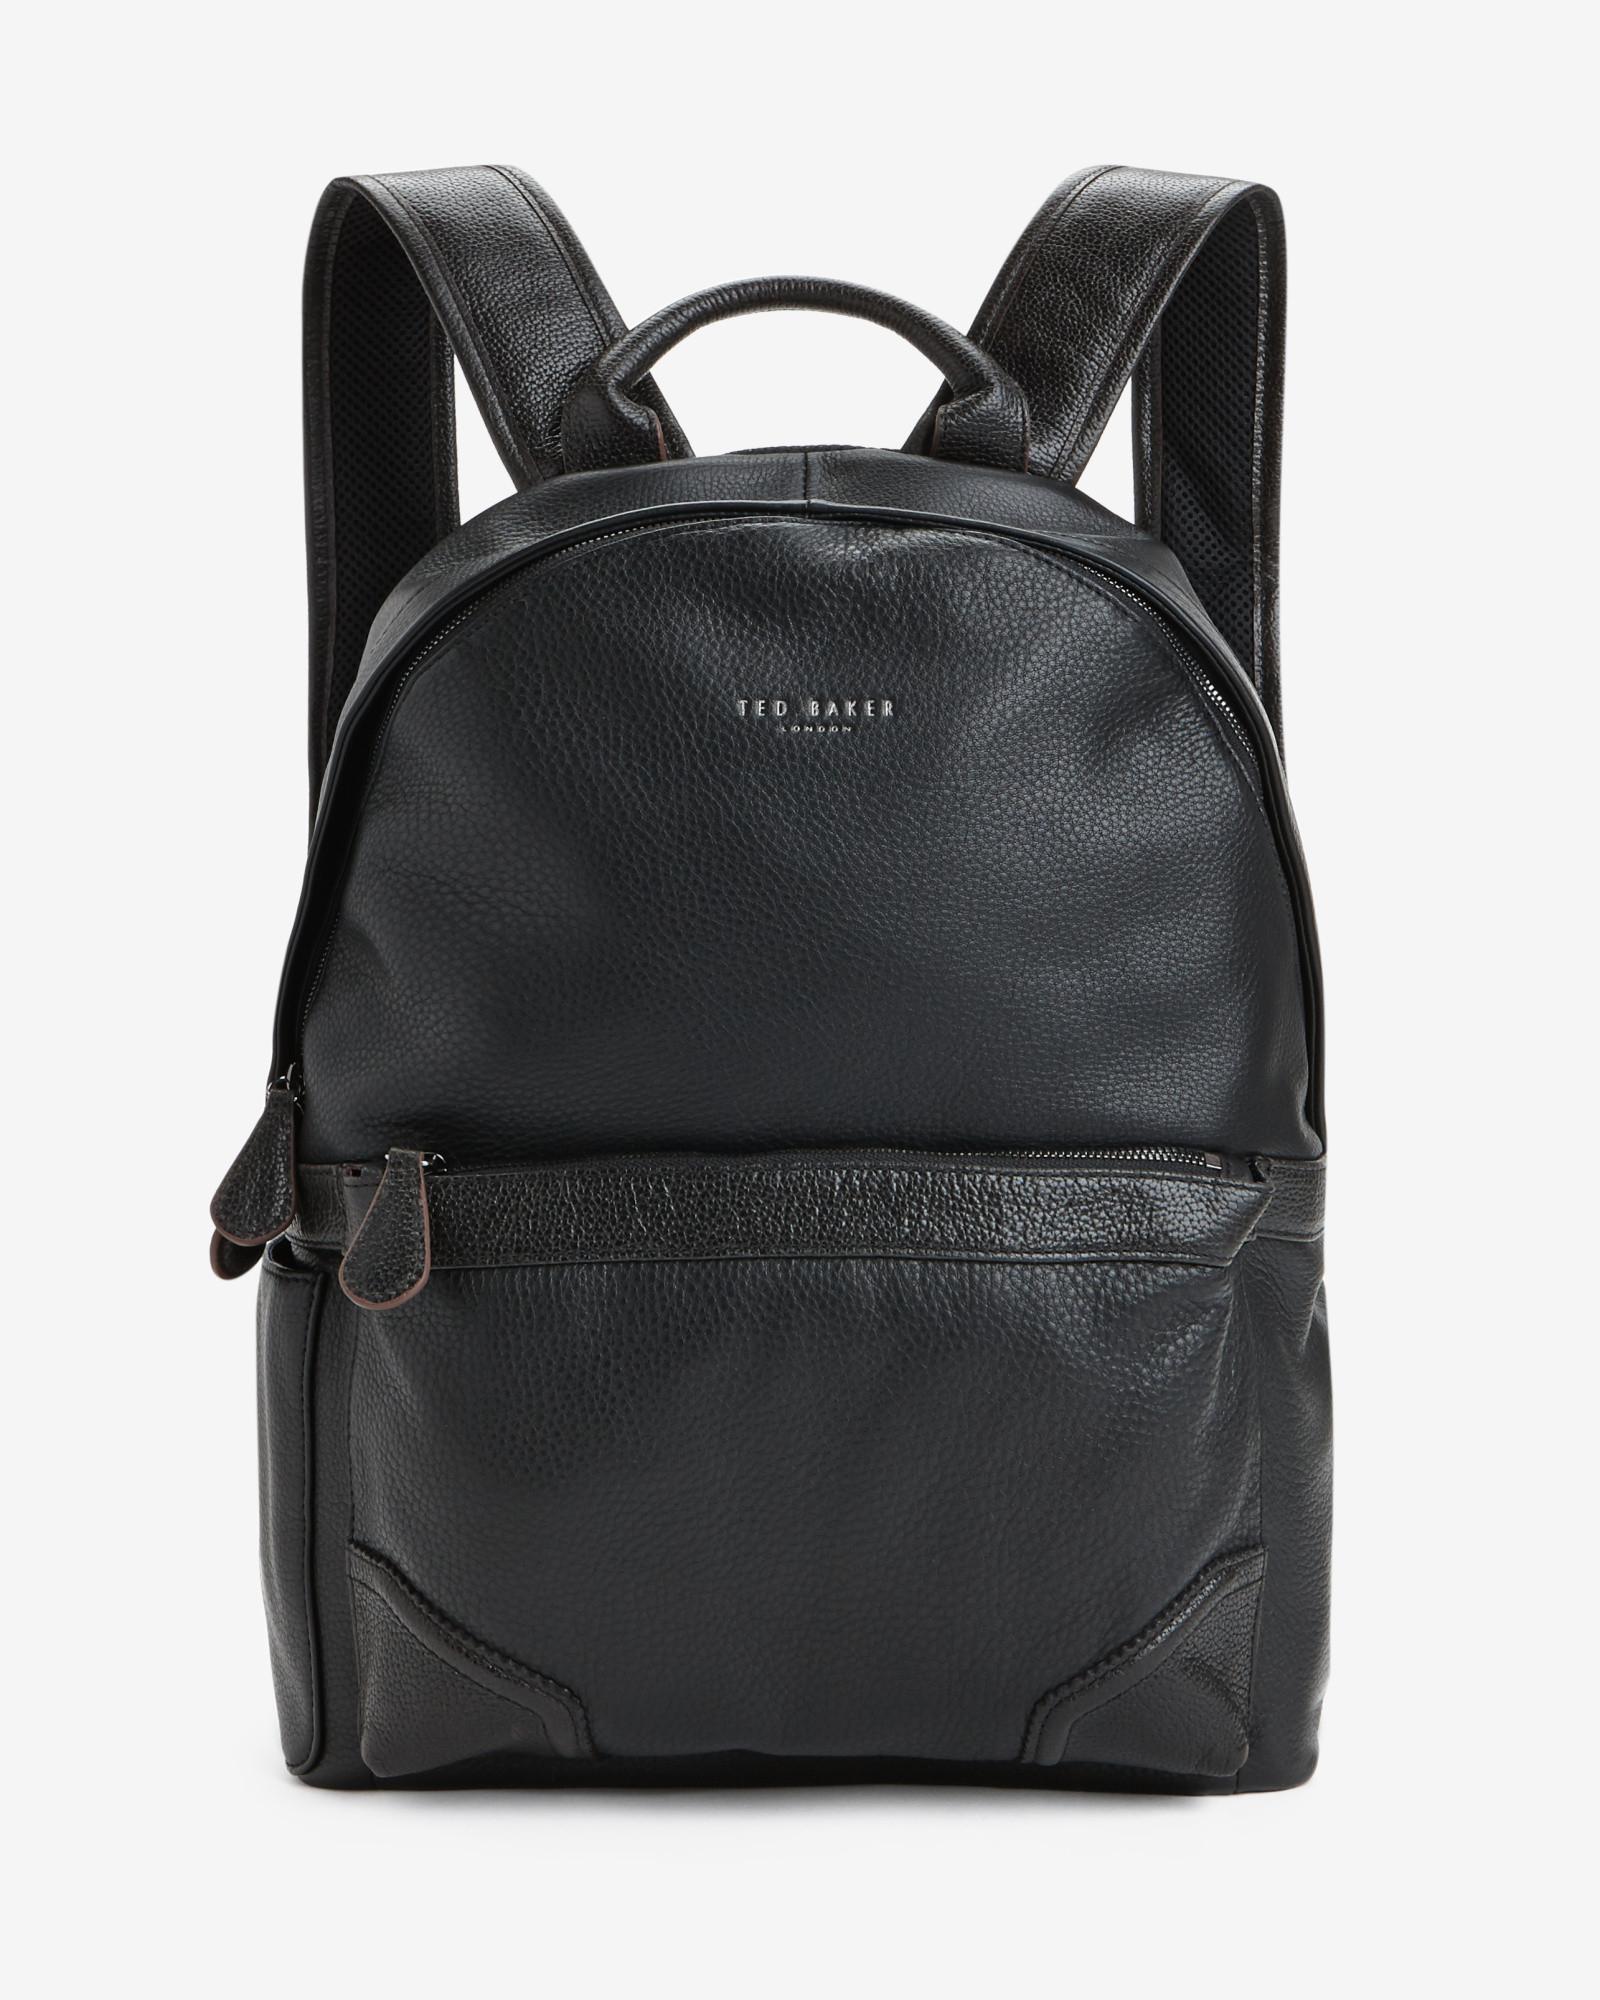 ted baker contrast corner backpack bag in black for men lyst. Black Bedroom Furniture Sets. Home Design Ideas